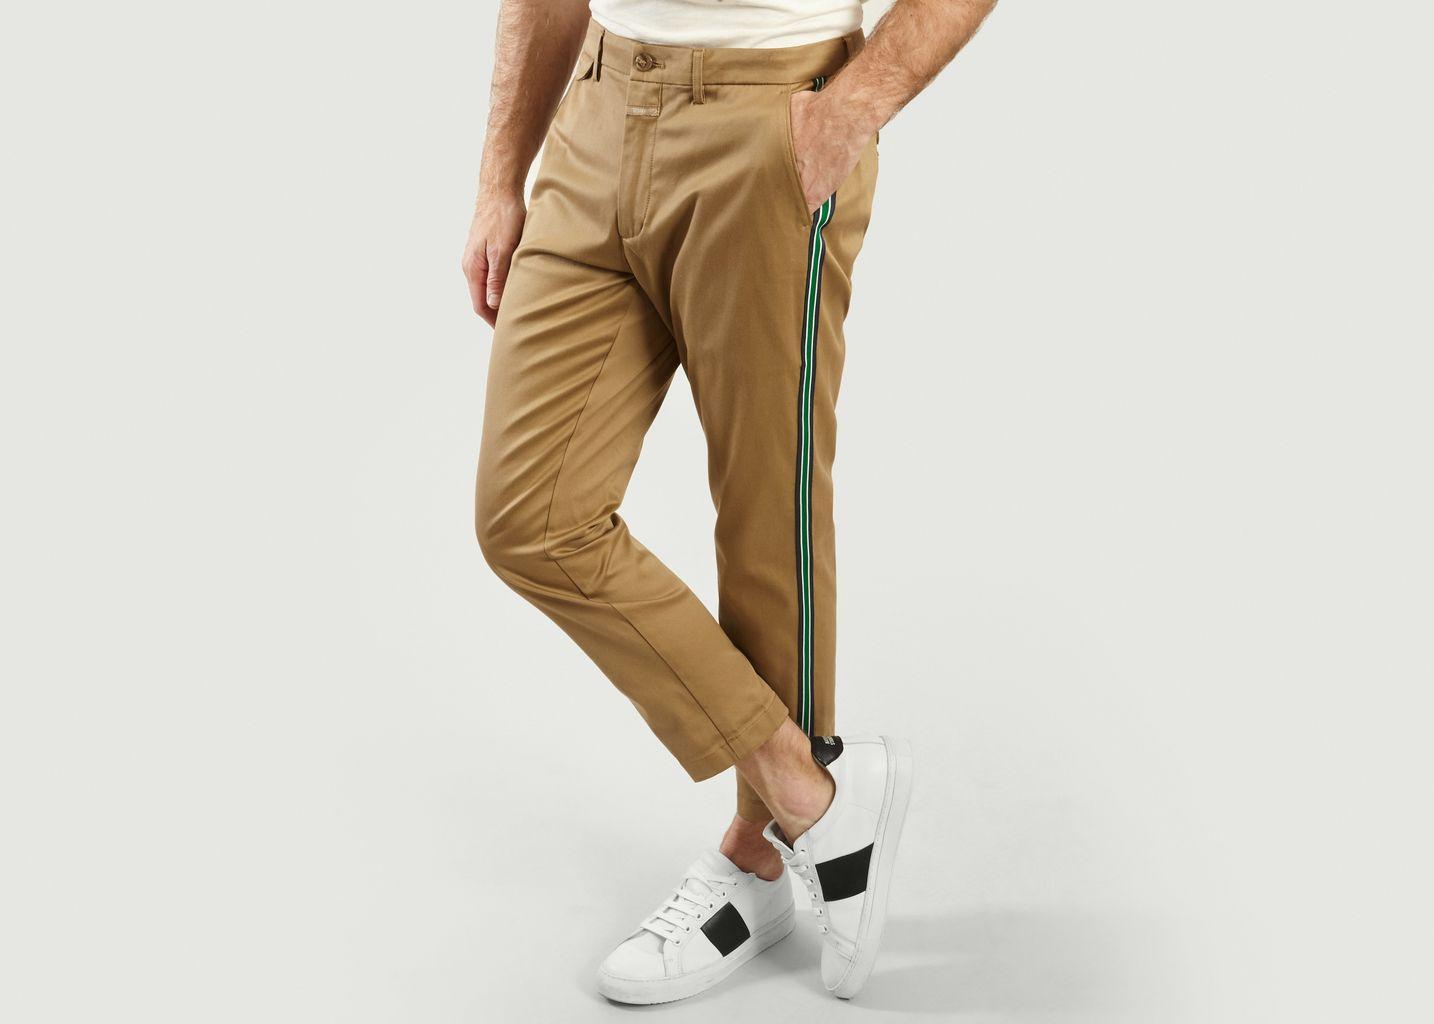 Pantalon Atelier Cropped Avec Bandes Latérales Rayées - Closed